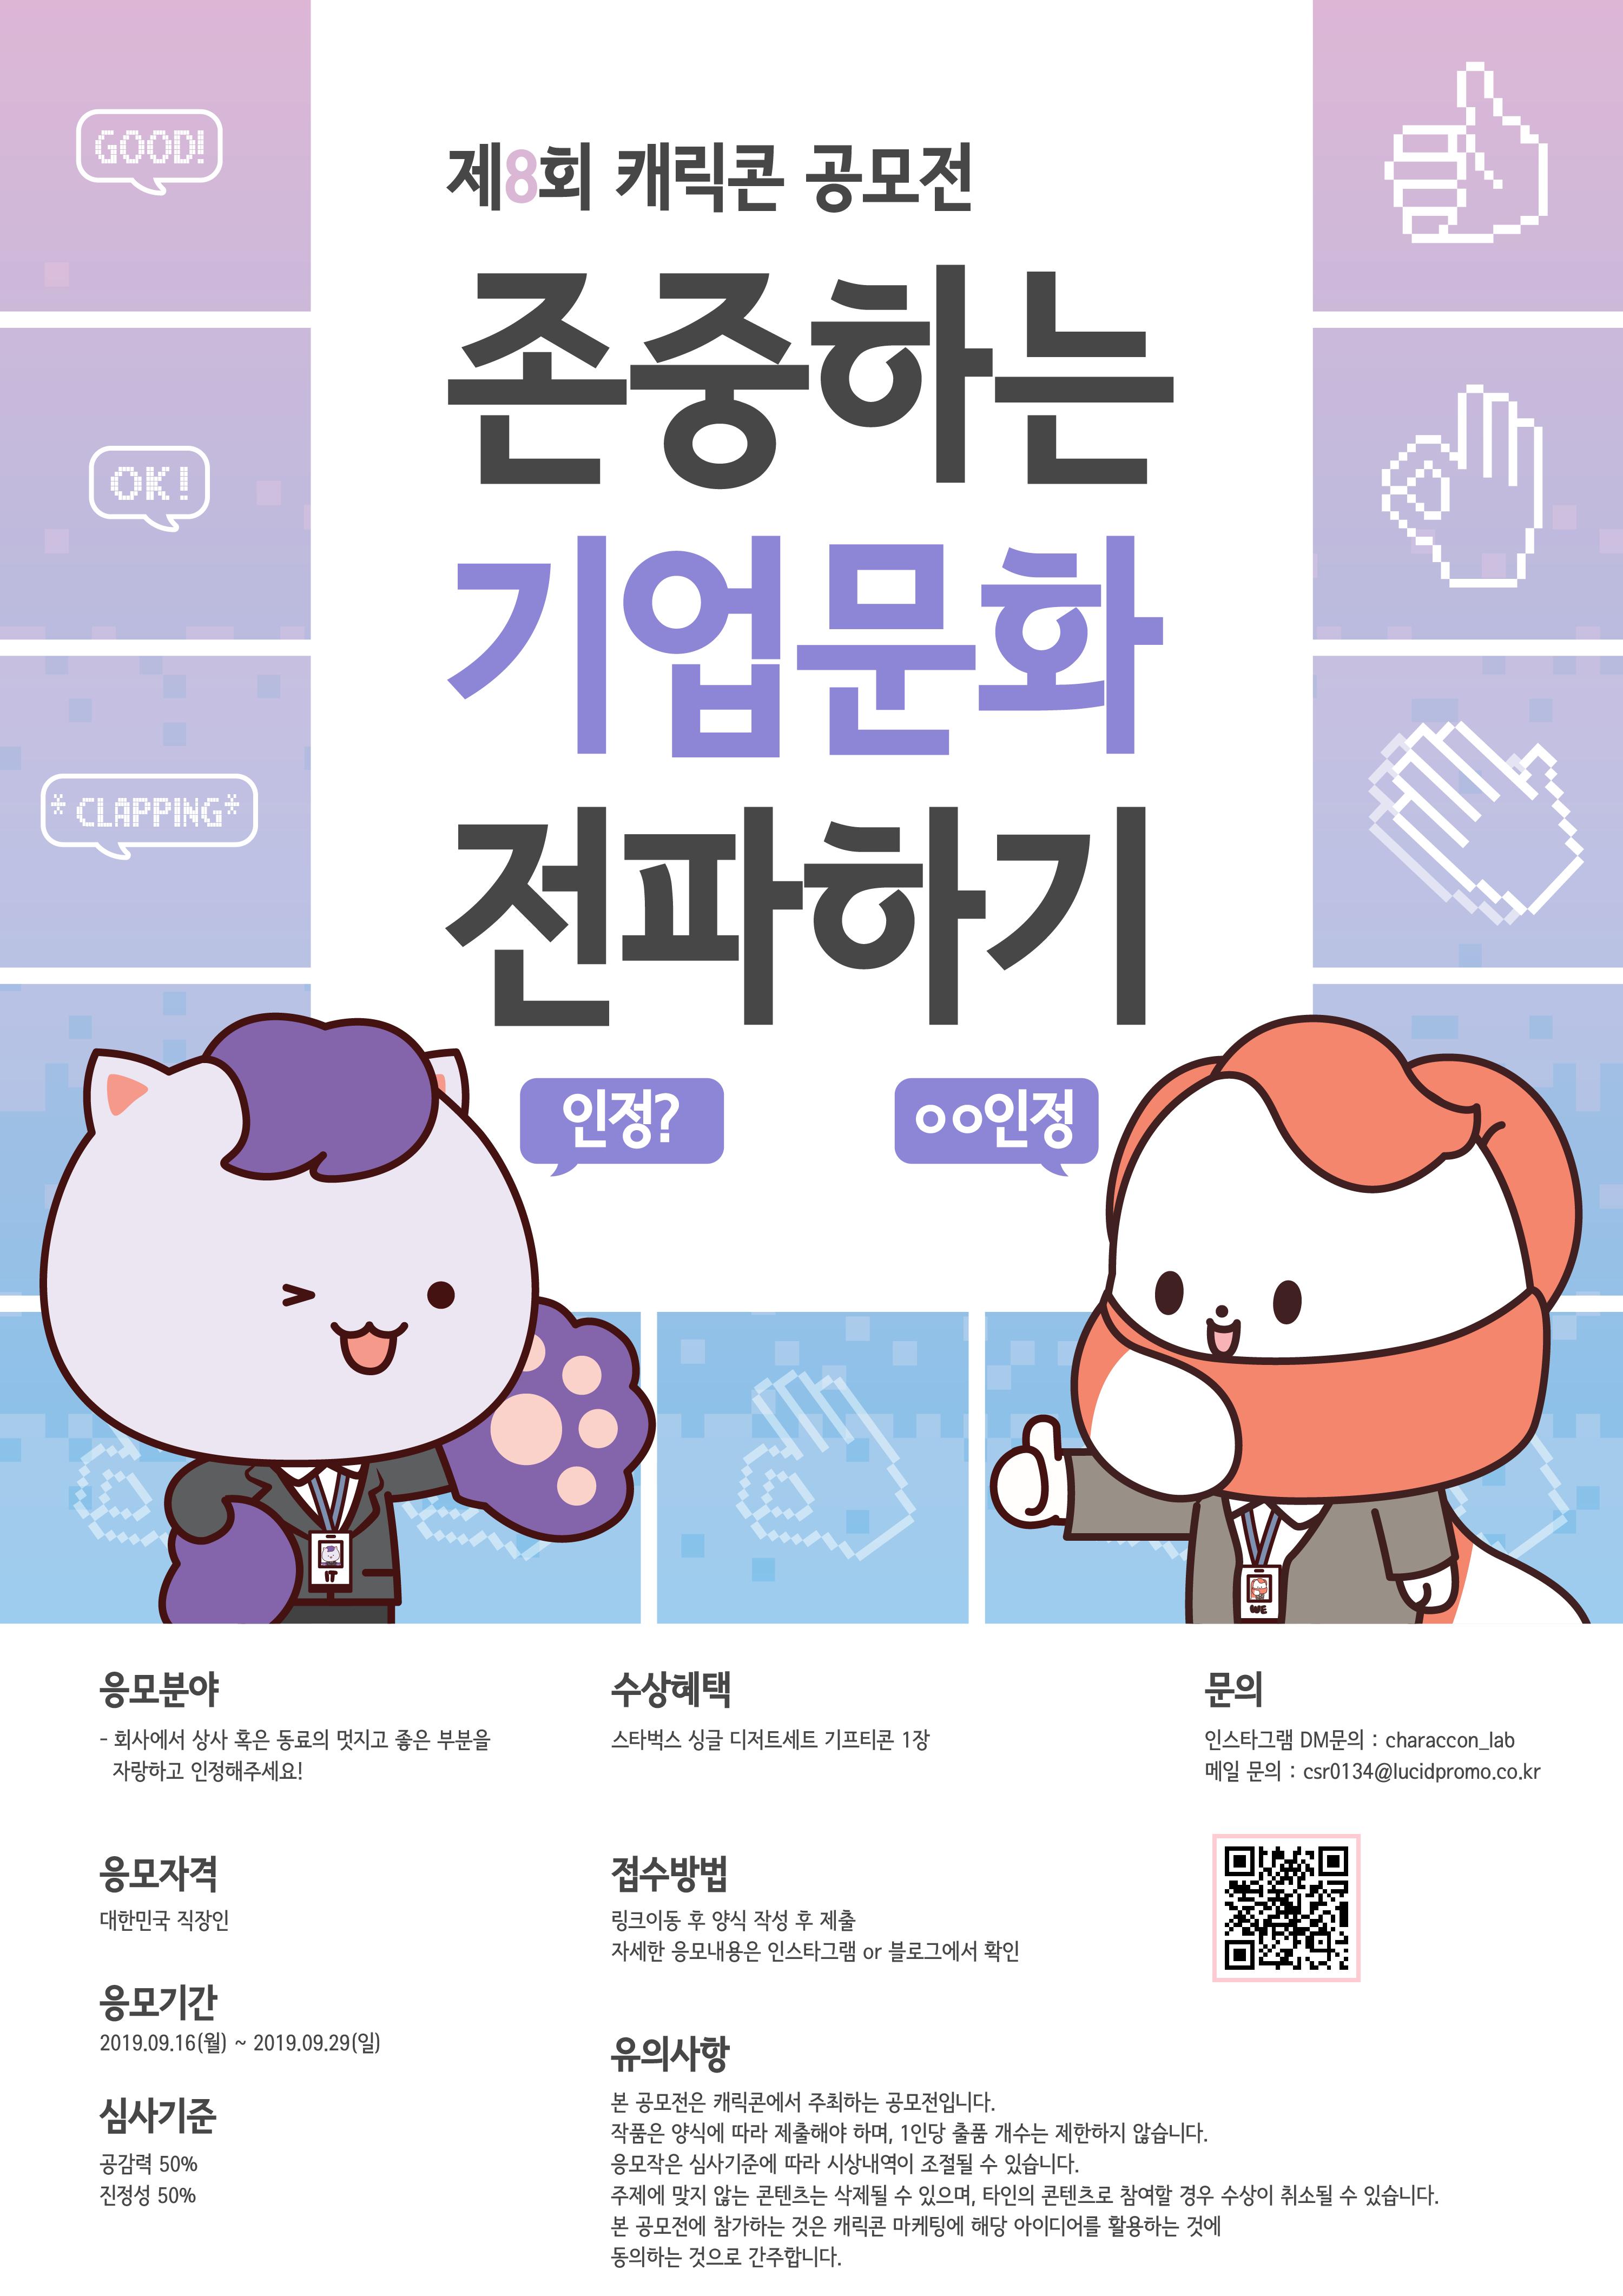 [캐릭콘] 제 9회 캐릭콘 공모전 - 인정문화 캠페인 시즌 2